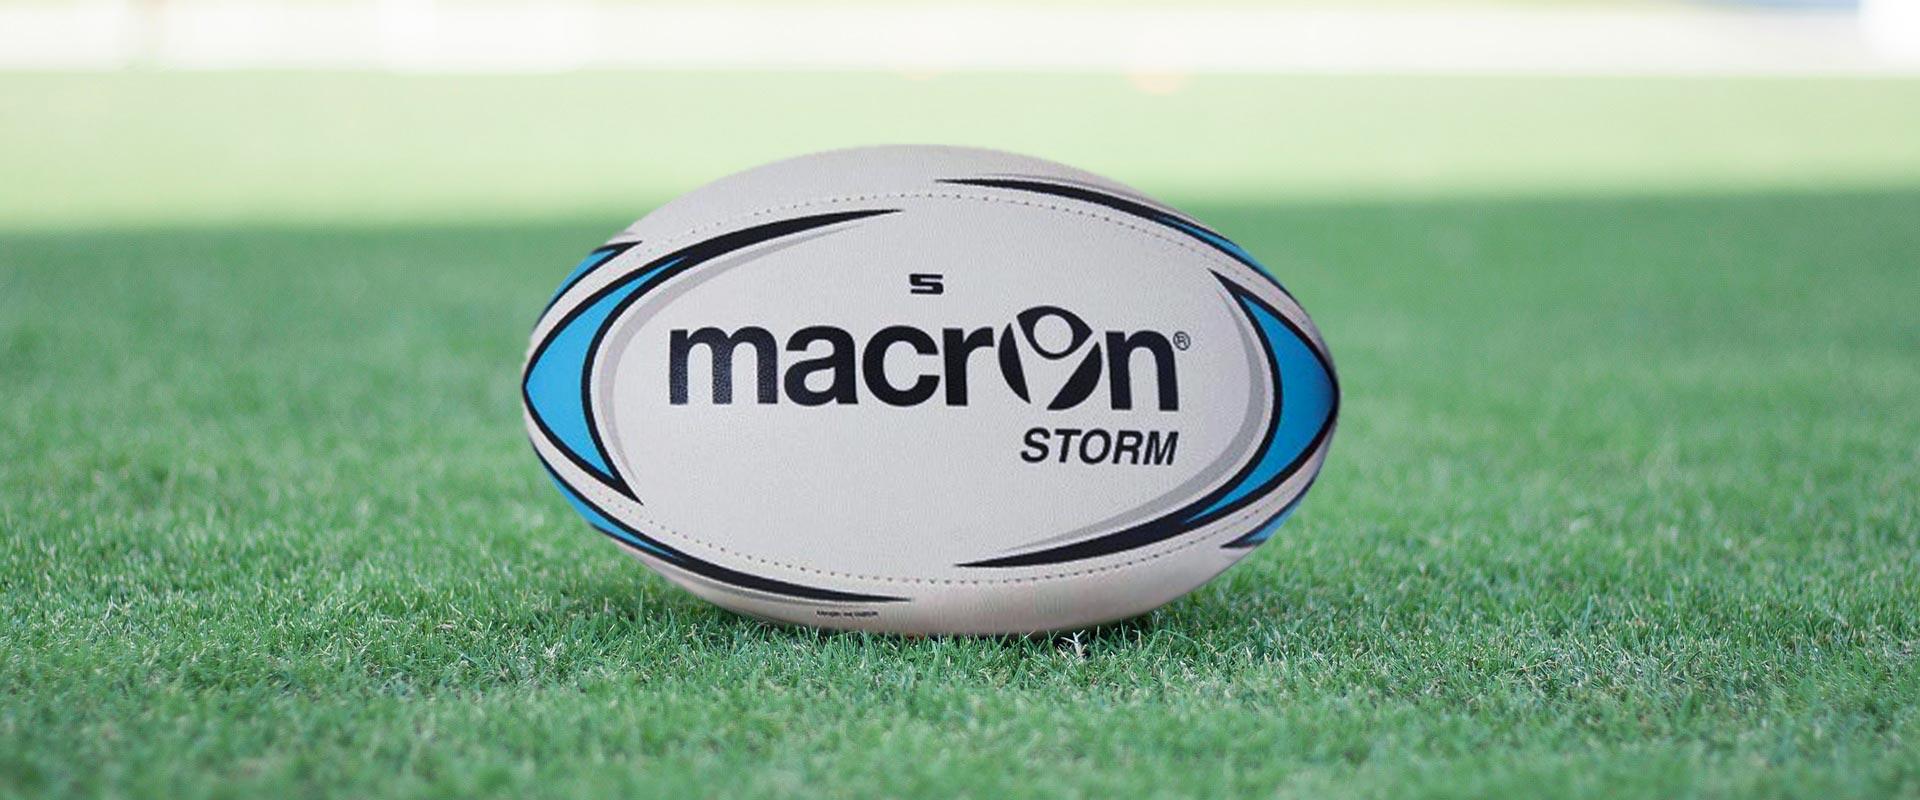 Una selezione di articoli sportivi per il Rugby